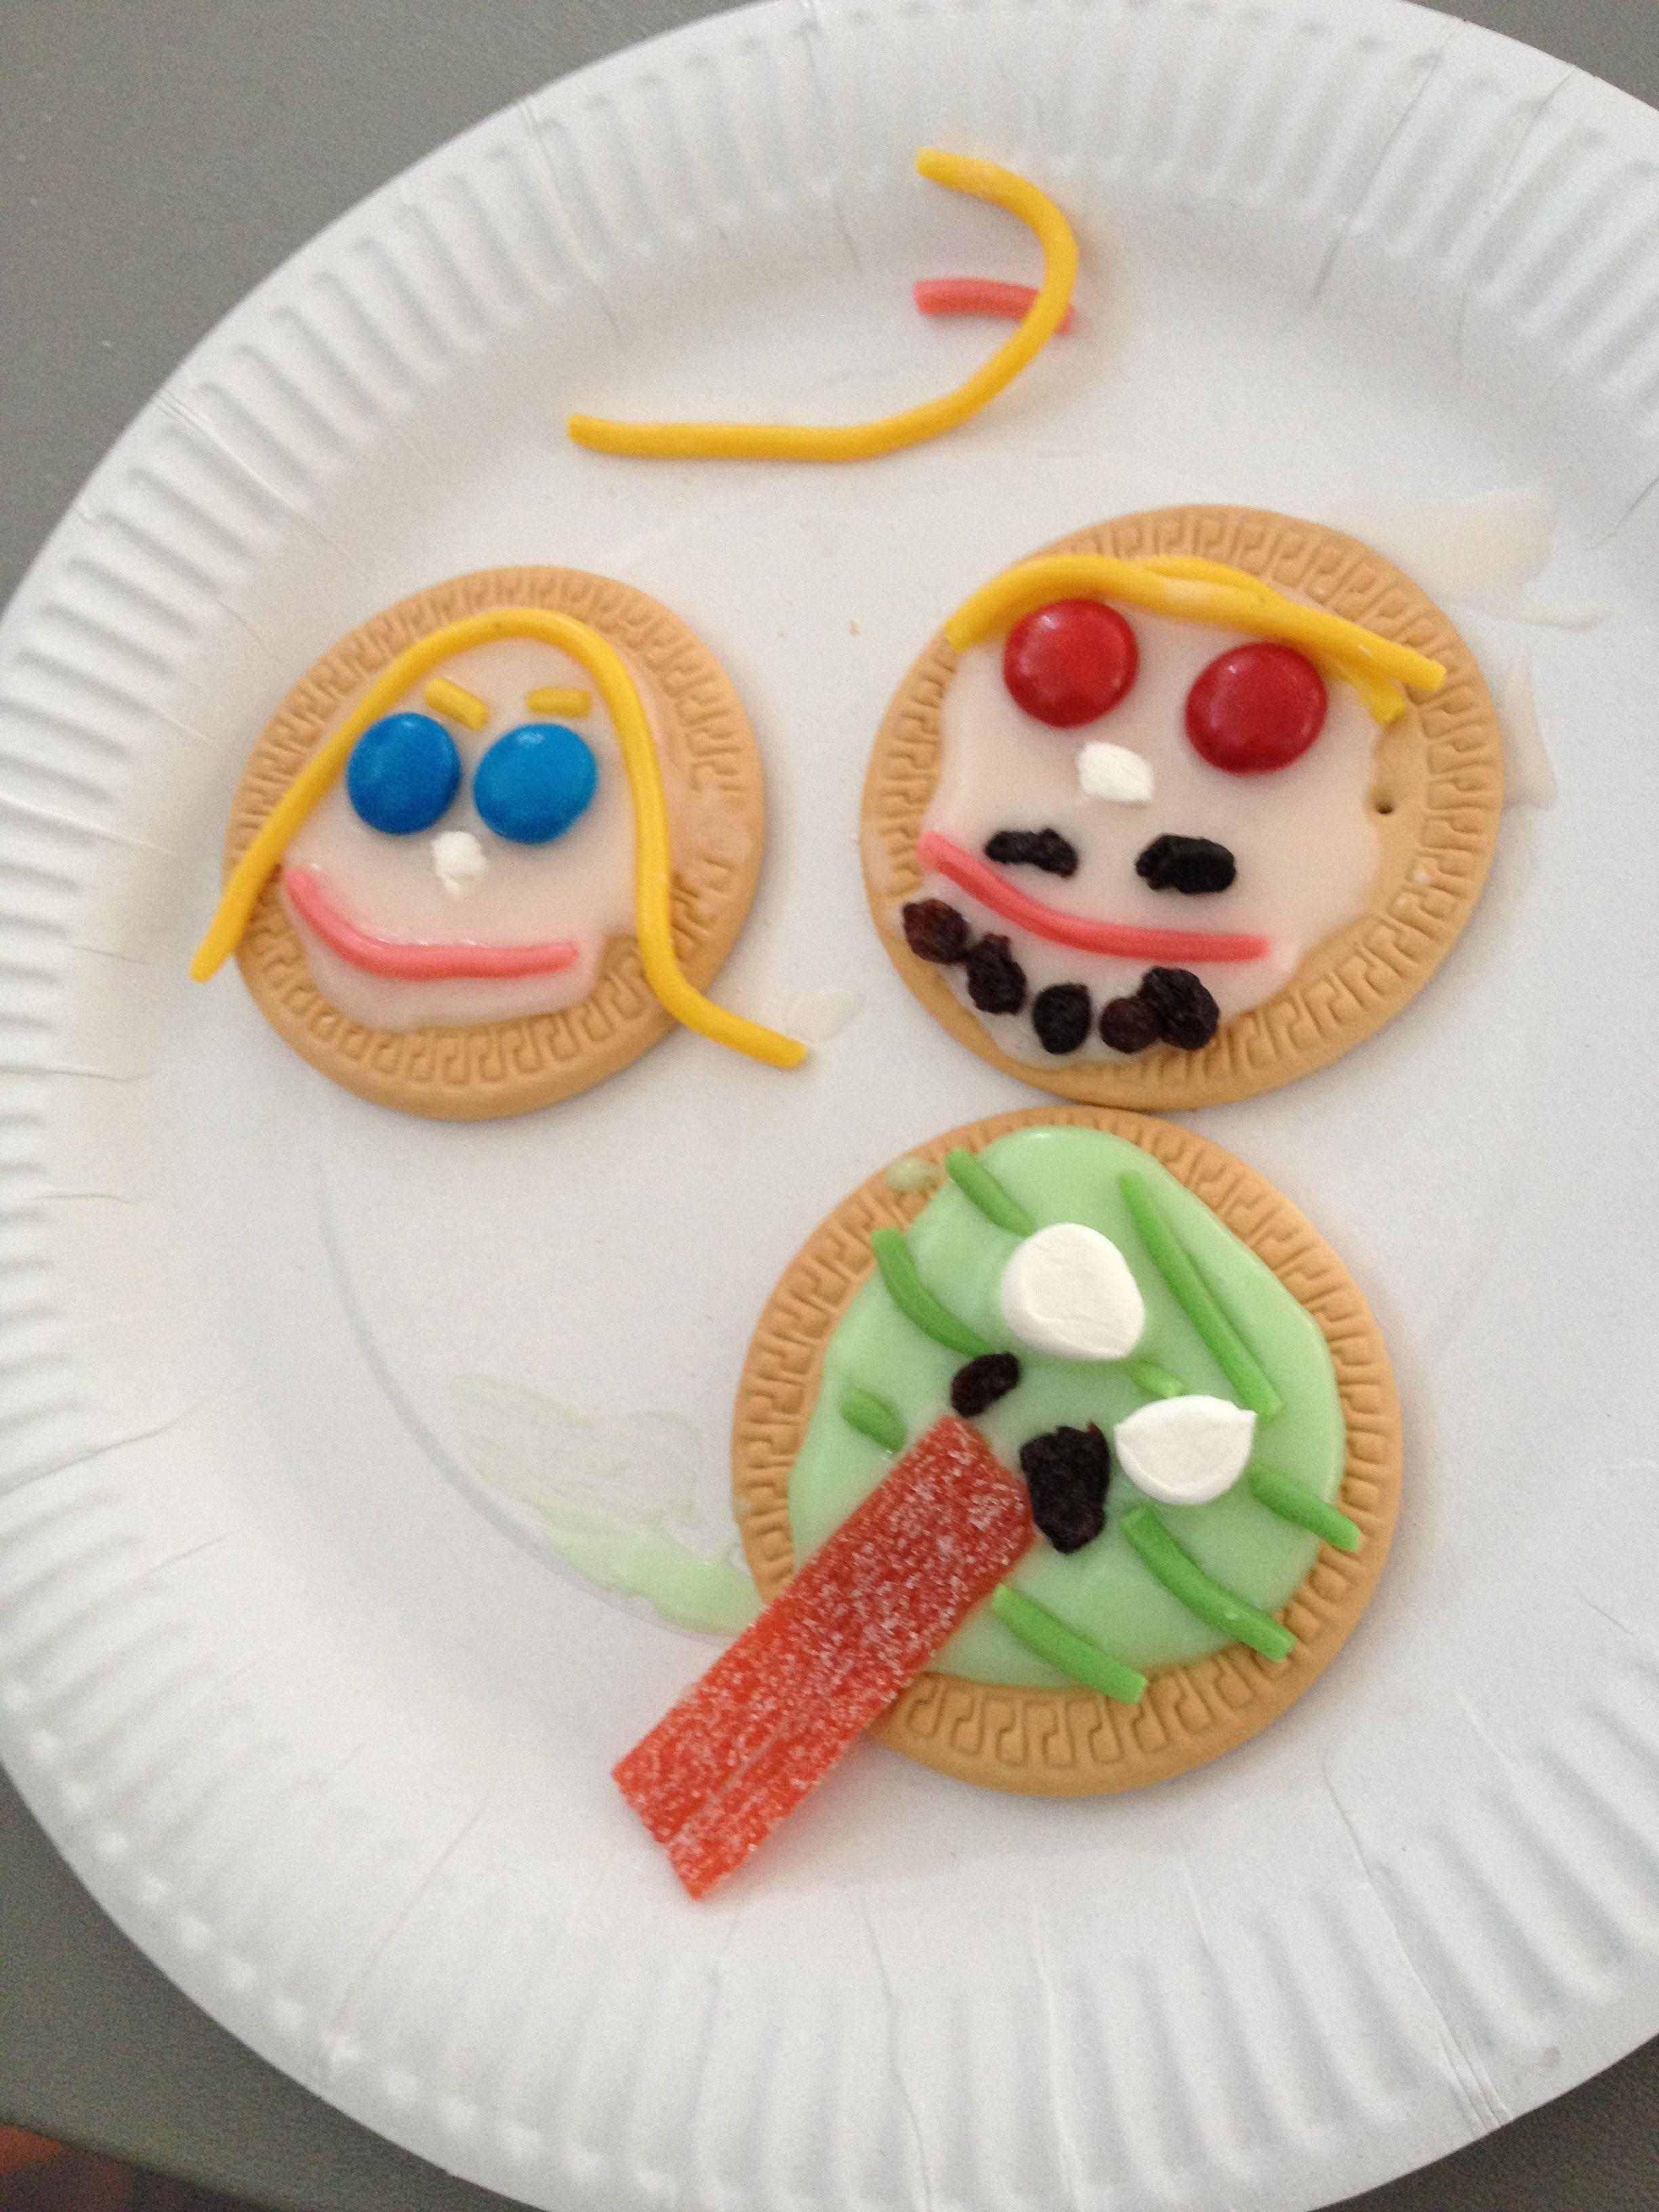 adam eve u0026 serpent decorated biscuits kids crafts pinterest